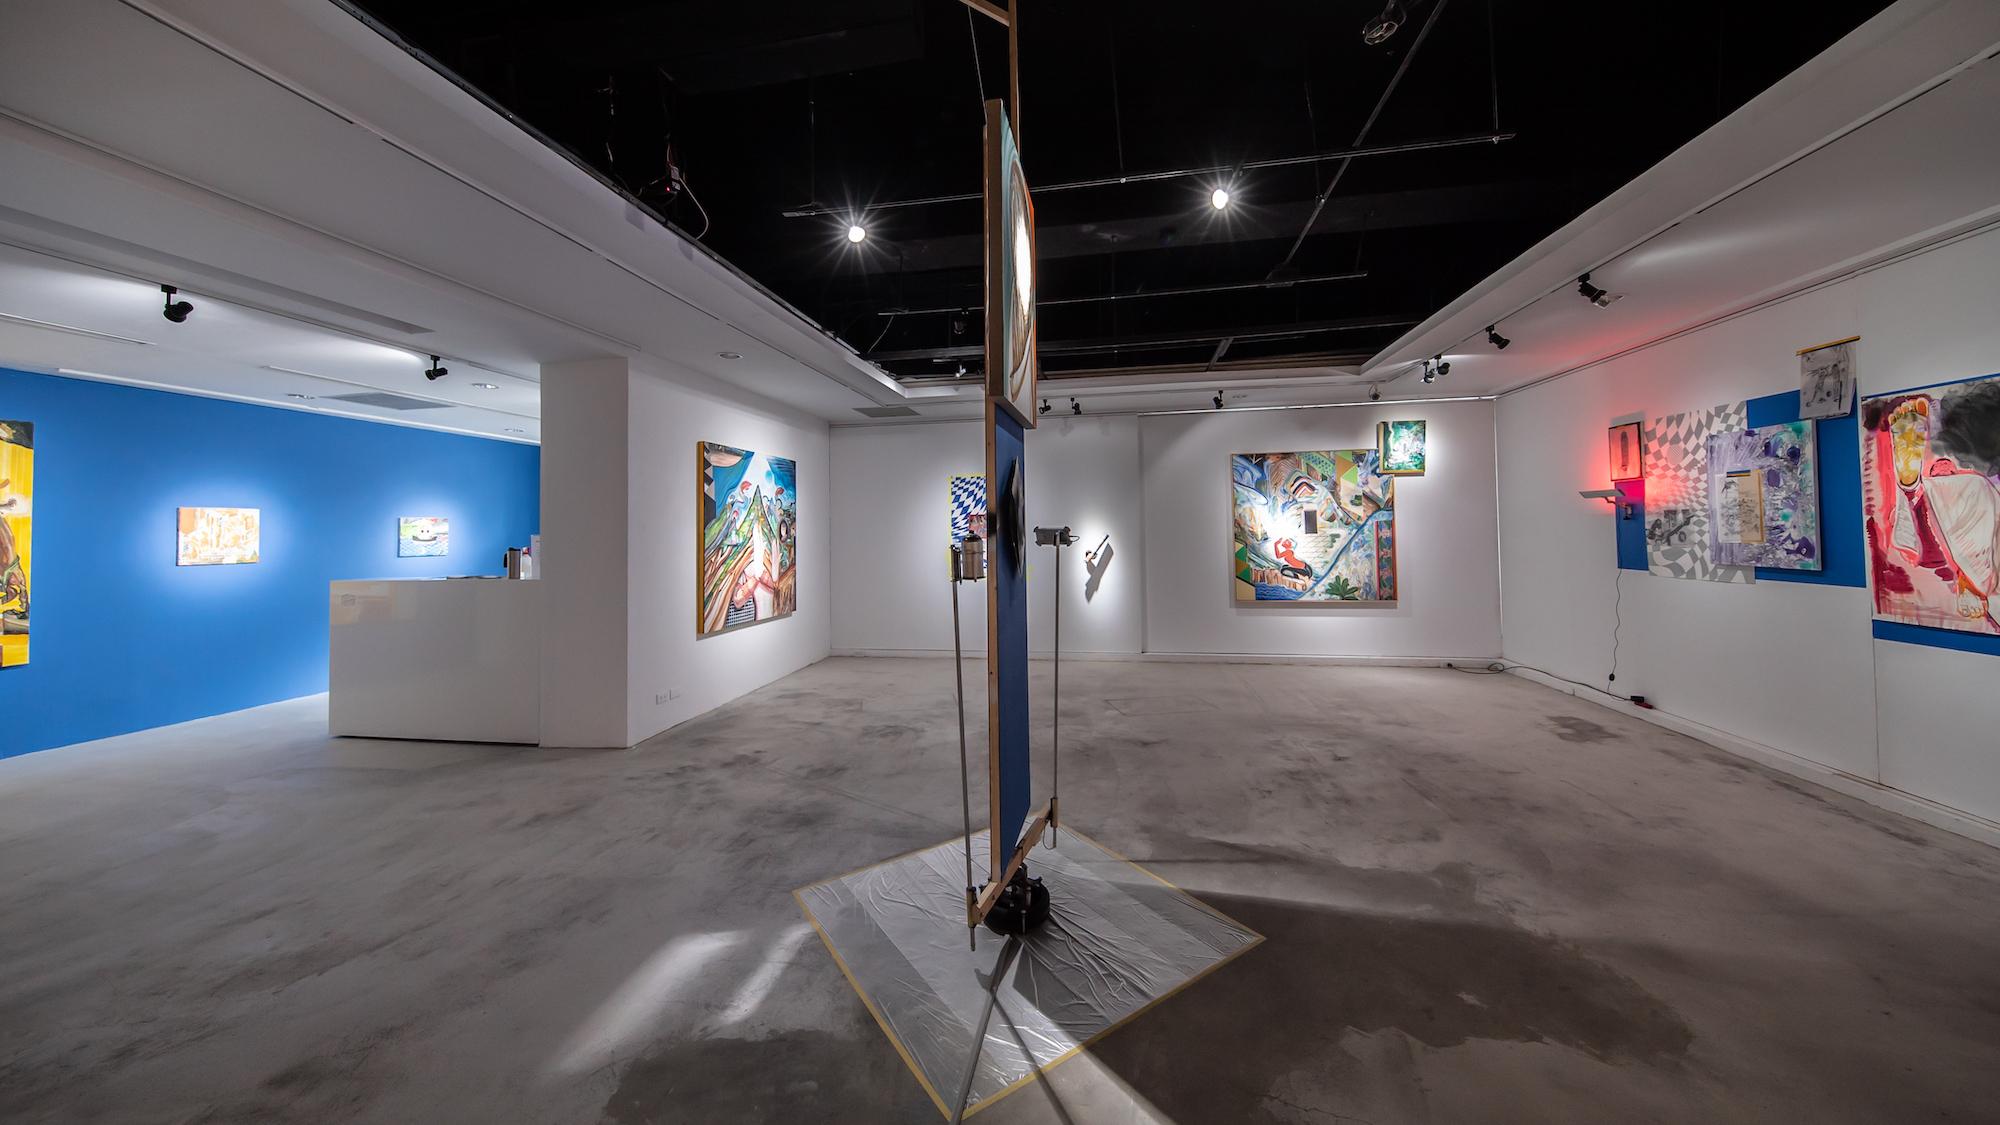 台北國際藝術村 「不只是風景如畫」出訪藝術家聯展